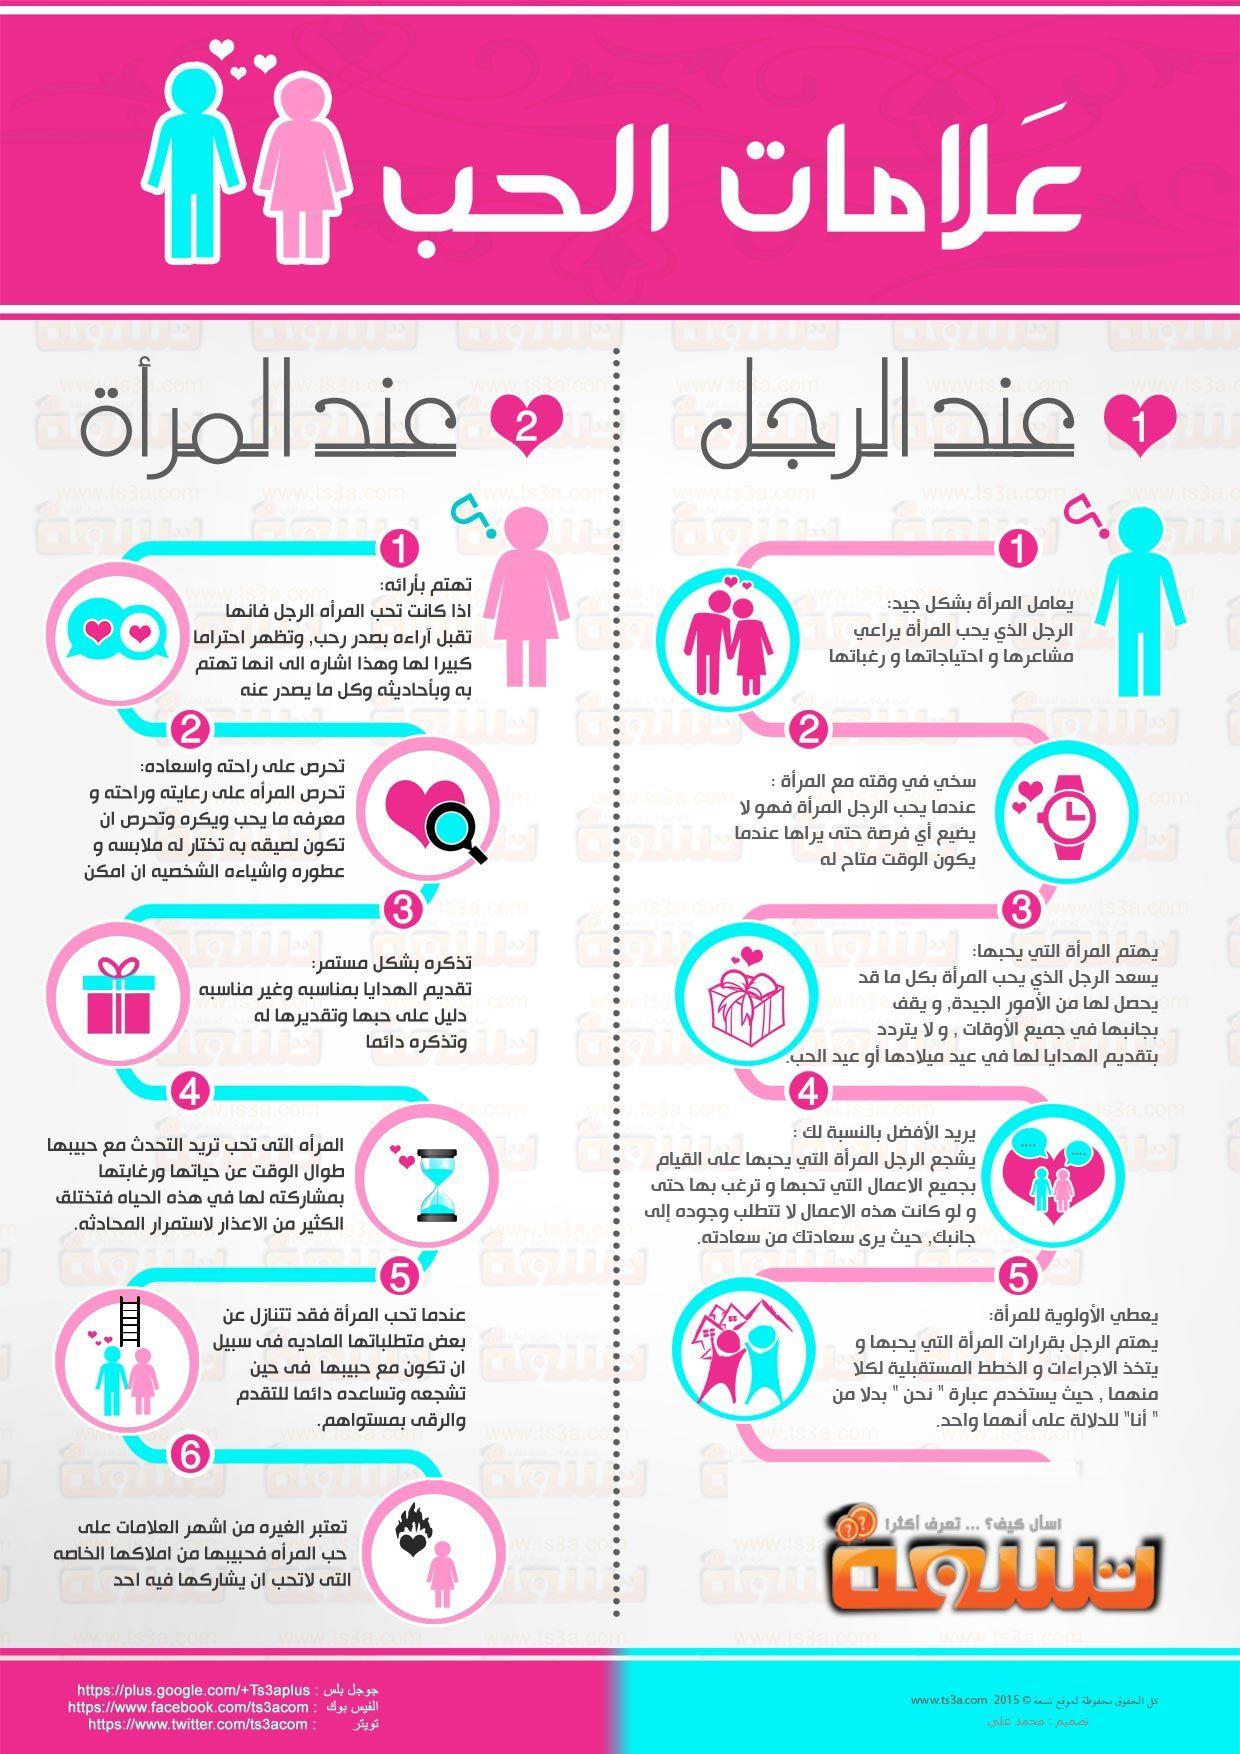 انفوجرافيك كيف تعرف علامات الحب عند الرجل والمرأة Love Words Words Arabic Love Quotes